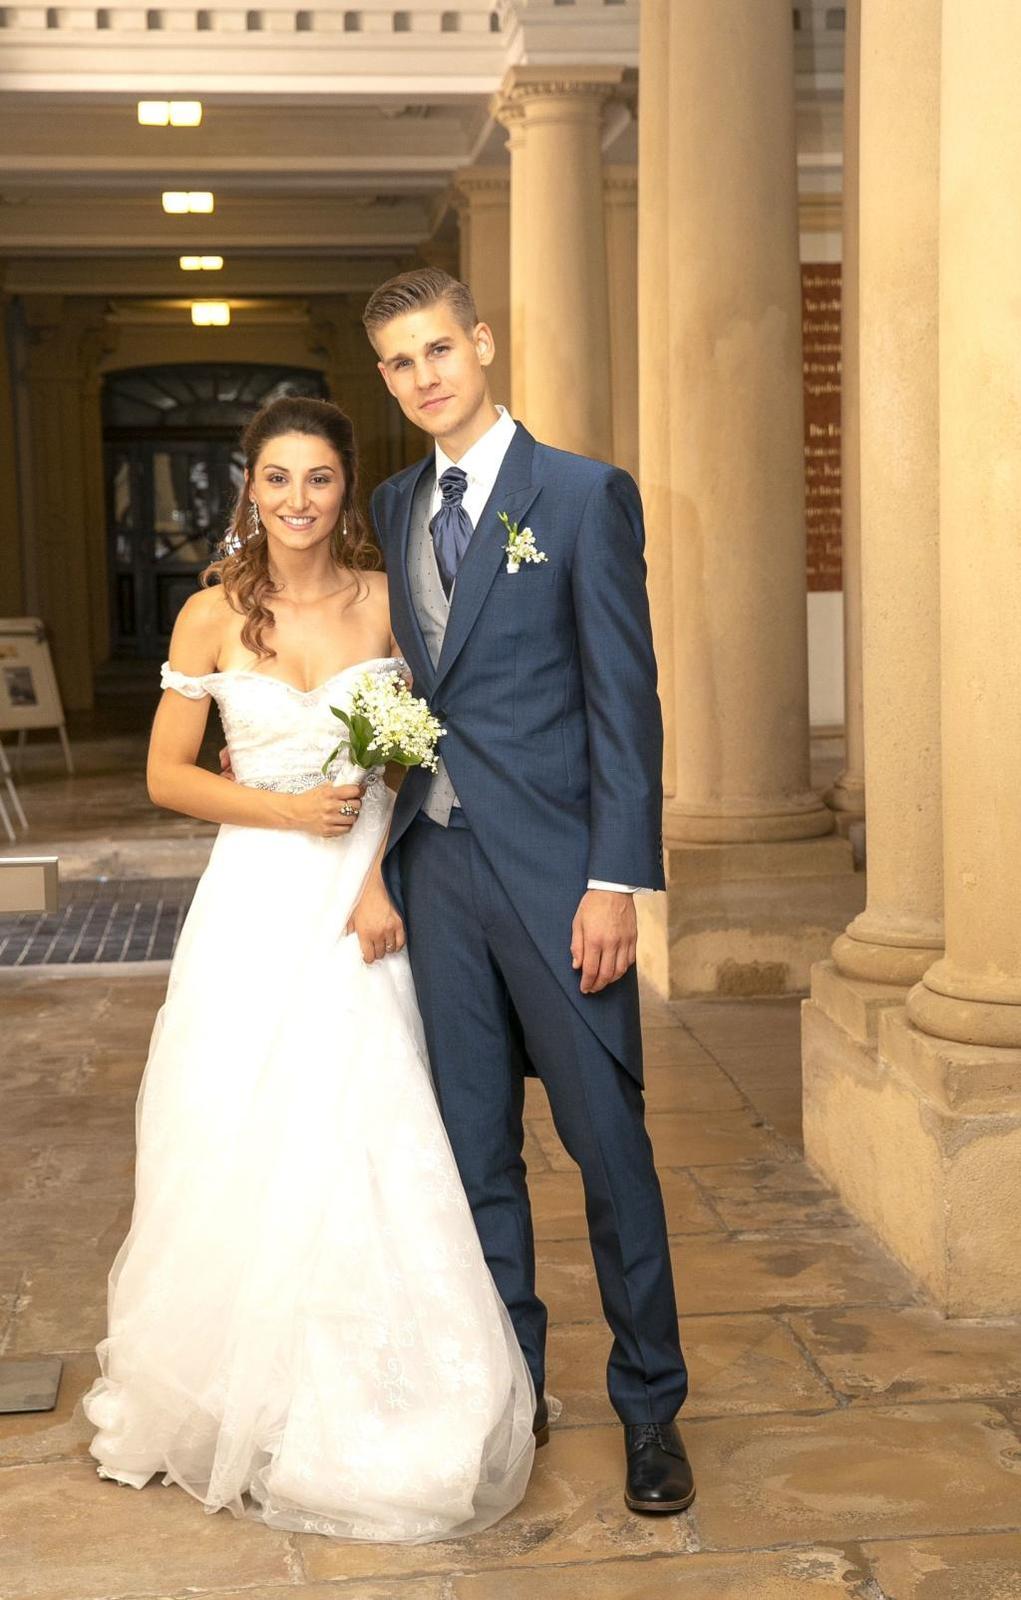 Svadba slávnych II - Kristína Malachovská a Adam Kocian (Ivetina dcéra)